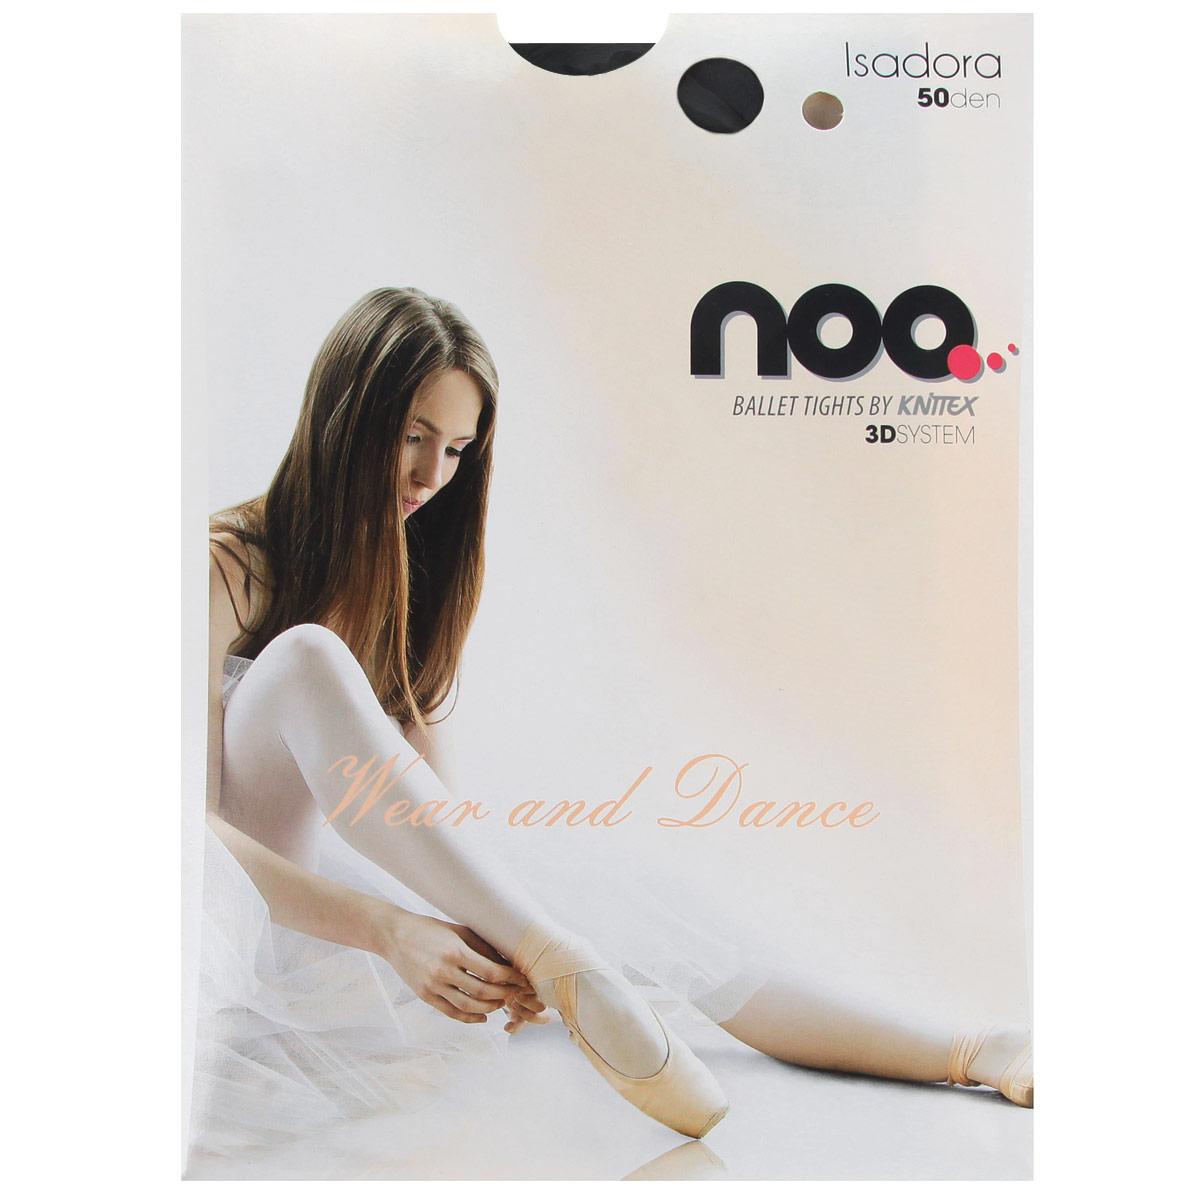 Колготки для девочки Noo IsadoraRWELURV_2Стильные детские колготки Knittex Noo Isadora изготовлены специально для девочек. Плотные непрозрачные колготки, изготовленные с применением 3D-технологий, идеально подходят для занятий танцами или балетом. Эти колготки чрезвычайно мягкие, они равномерно облегают ножки, не сдавливая и не доставляя дискомфорта. Эластичные швы и мягкая резинка на поясе не позволят колготам сползать и при этом не будут стеснять движений. Входящие в состав ткани полиамид и эластан предотвращают растяжение и деформацию после стирки. Красивые и прочные колготки подойдут к любым нарядам маленькой модницы. Классические колготки - это идеальное решение на каждый день для прогулки, школы, яслей или садика. Такие колготки станут великолепным дополнением к гардеробу вашей красавицы.